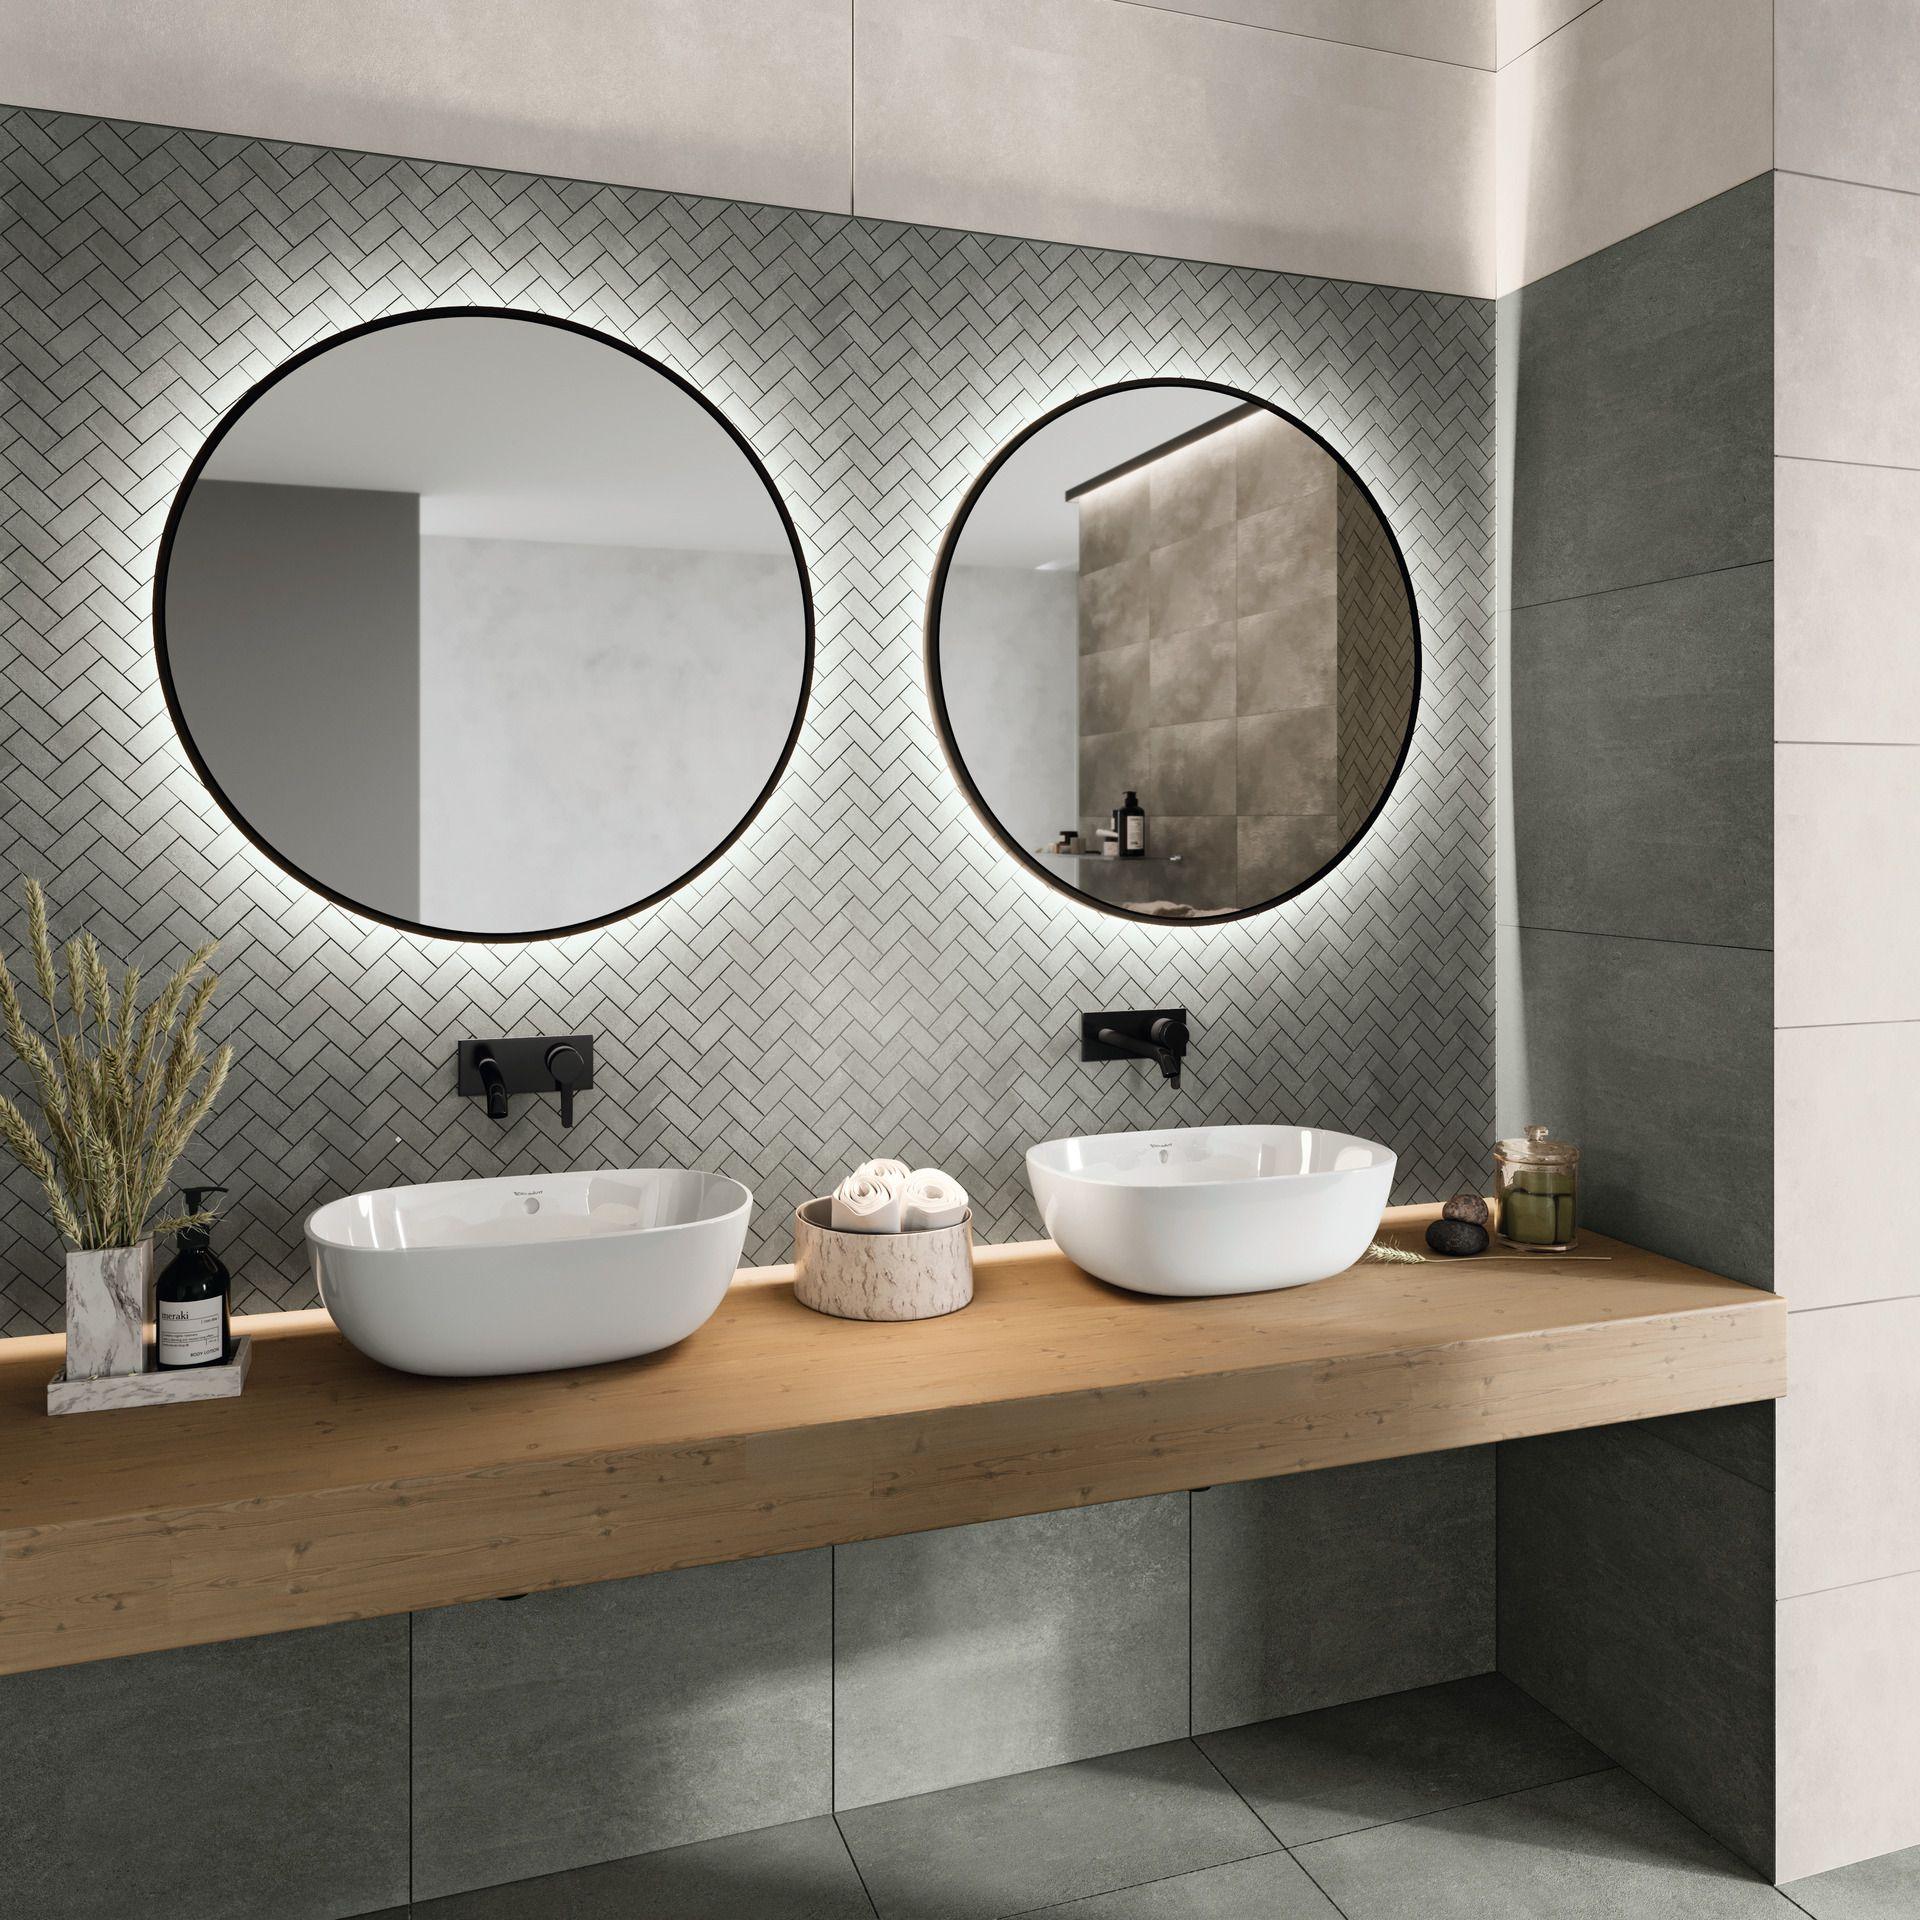 Puristisches Badezimmer mit attraktiven Wandfliesen und großen ...